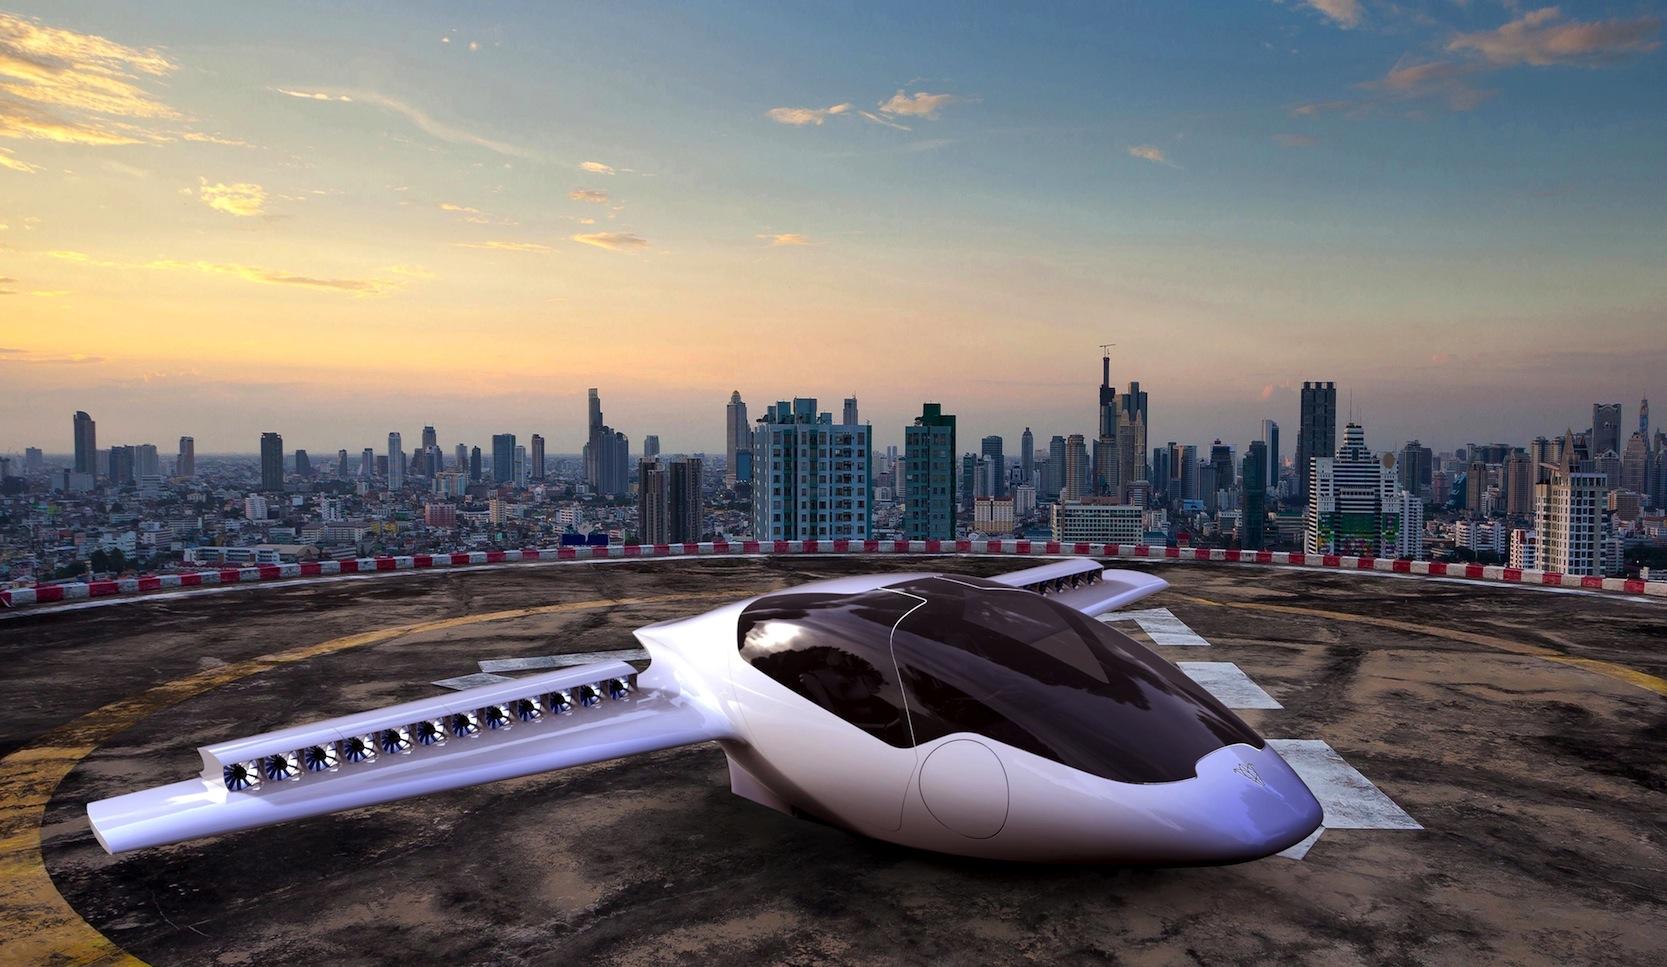 Das fliegende Auto Lilium-Jet auf dem Dach eines Hochhauses: 2018 wollen junge Ingenieure aus Bayern die Kombination aus Kleinflugzeug und Auto auf die Straße und die Luft bringen.